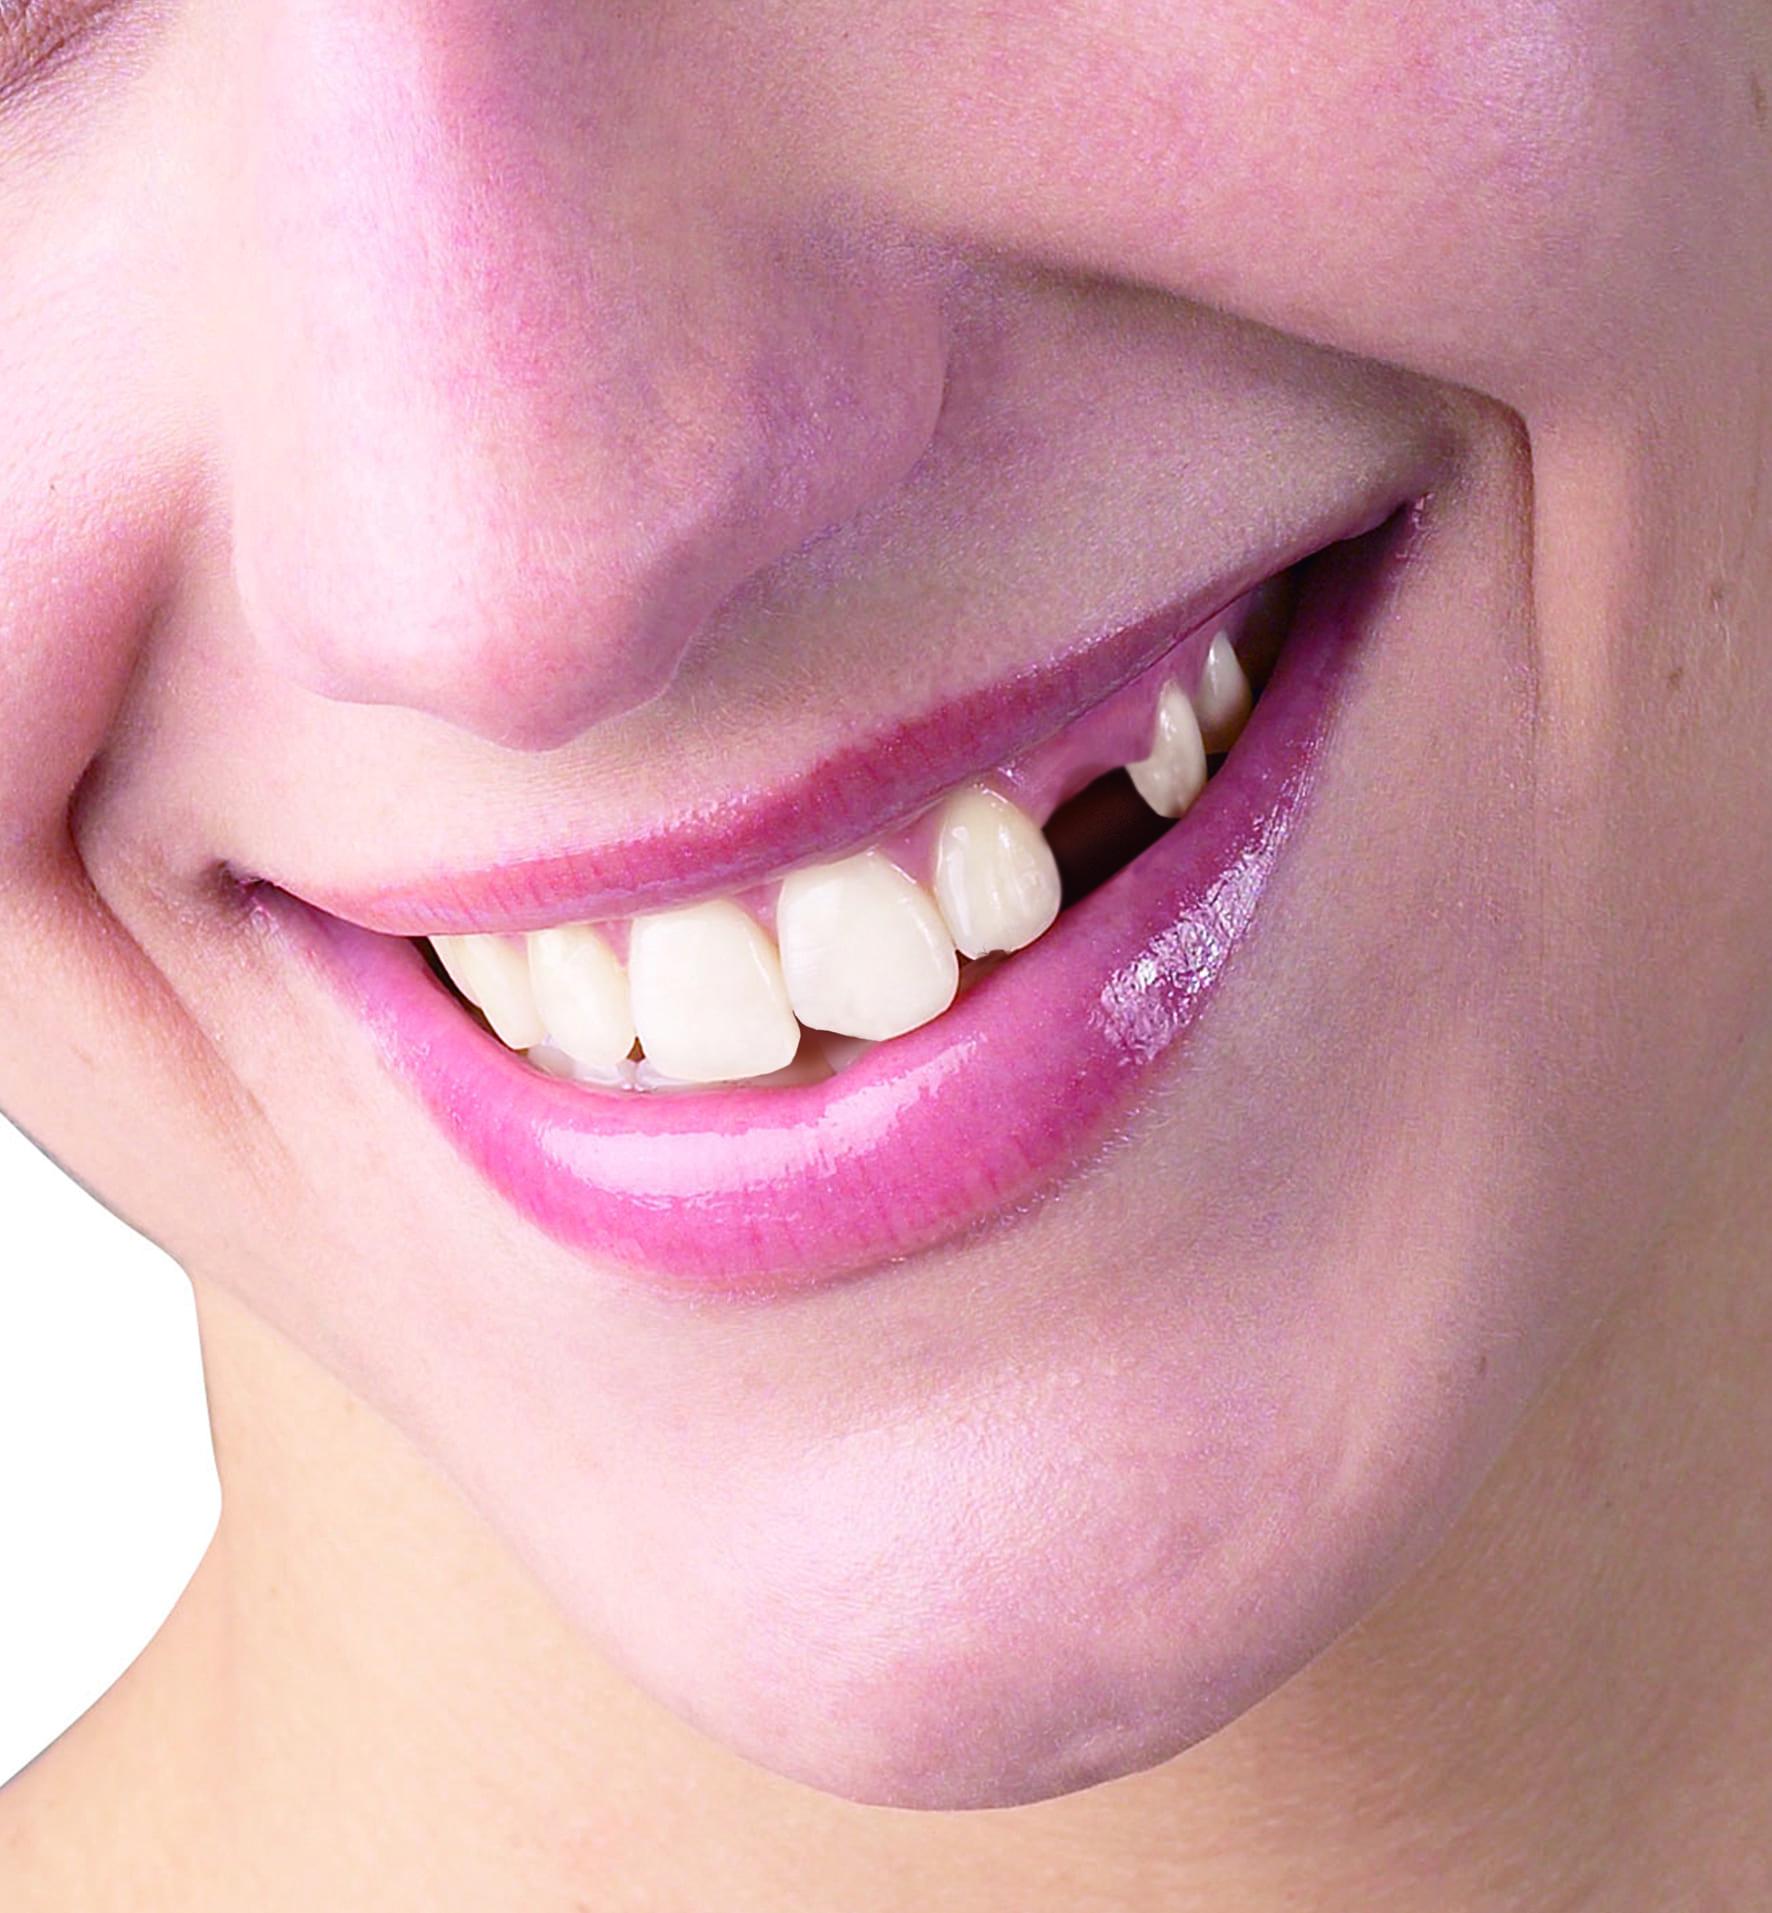 Женщина без зуба